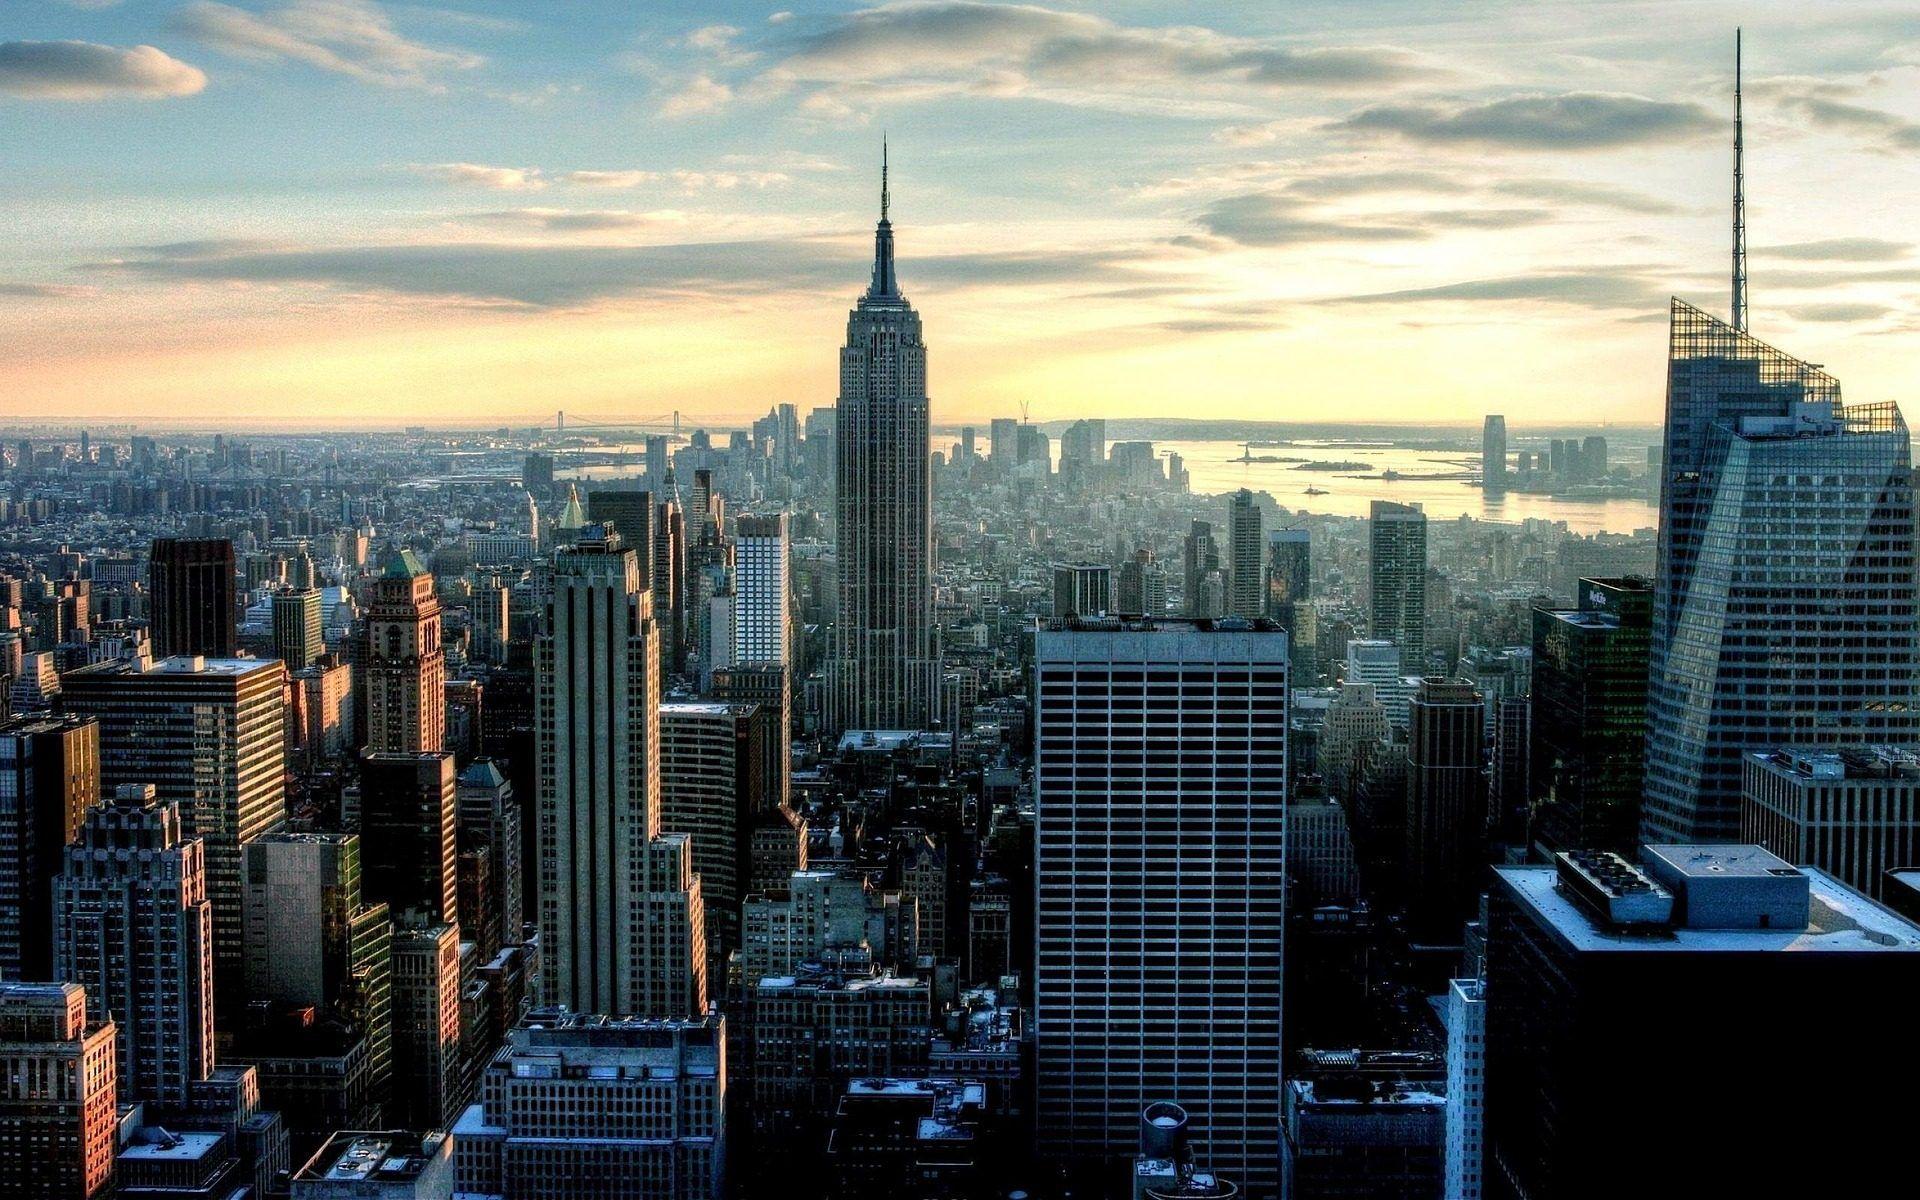 ciudad rascacielos edificios metrpolis cielo